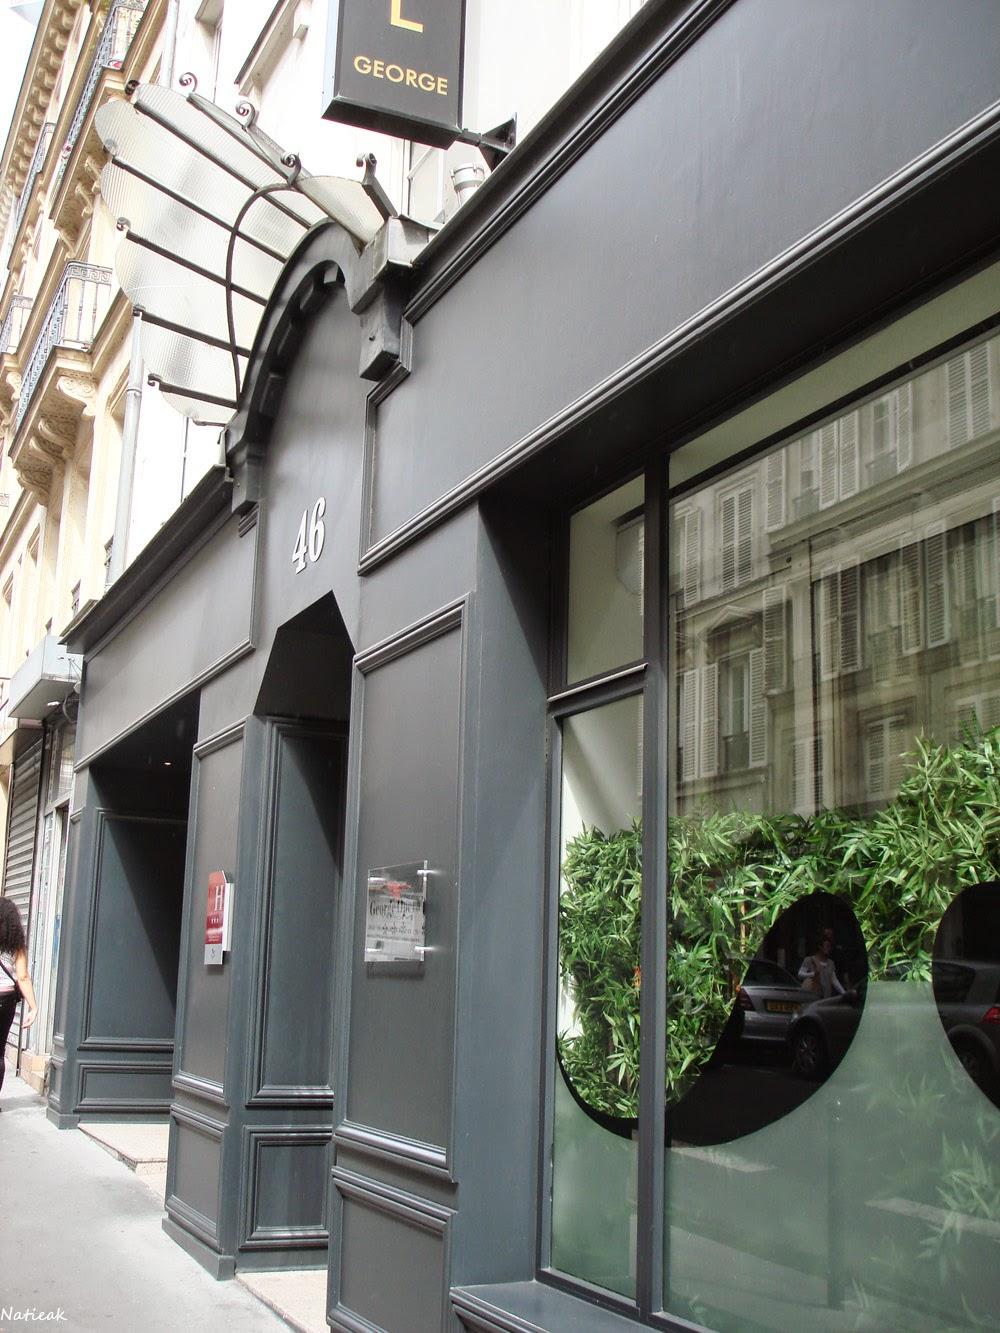 Hotel George Opéra situé dans le 9ème arrondissement de Paris